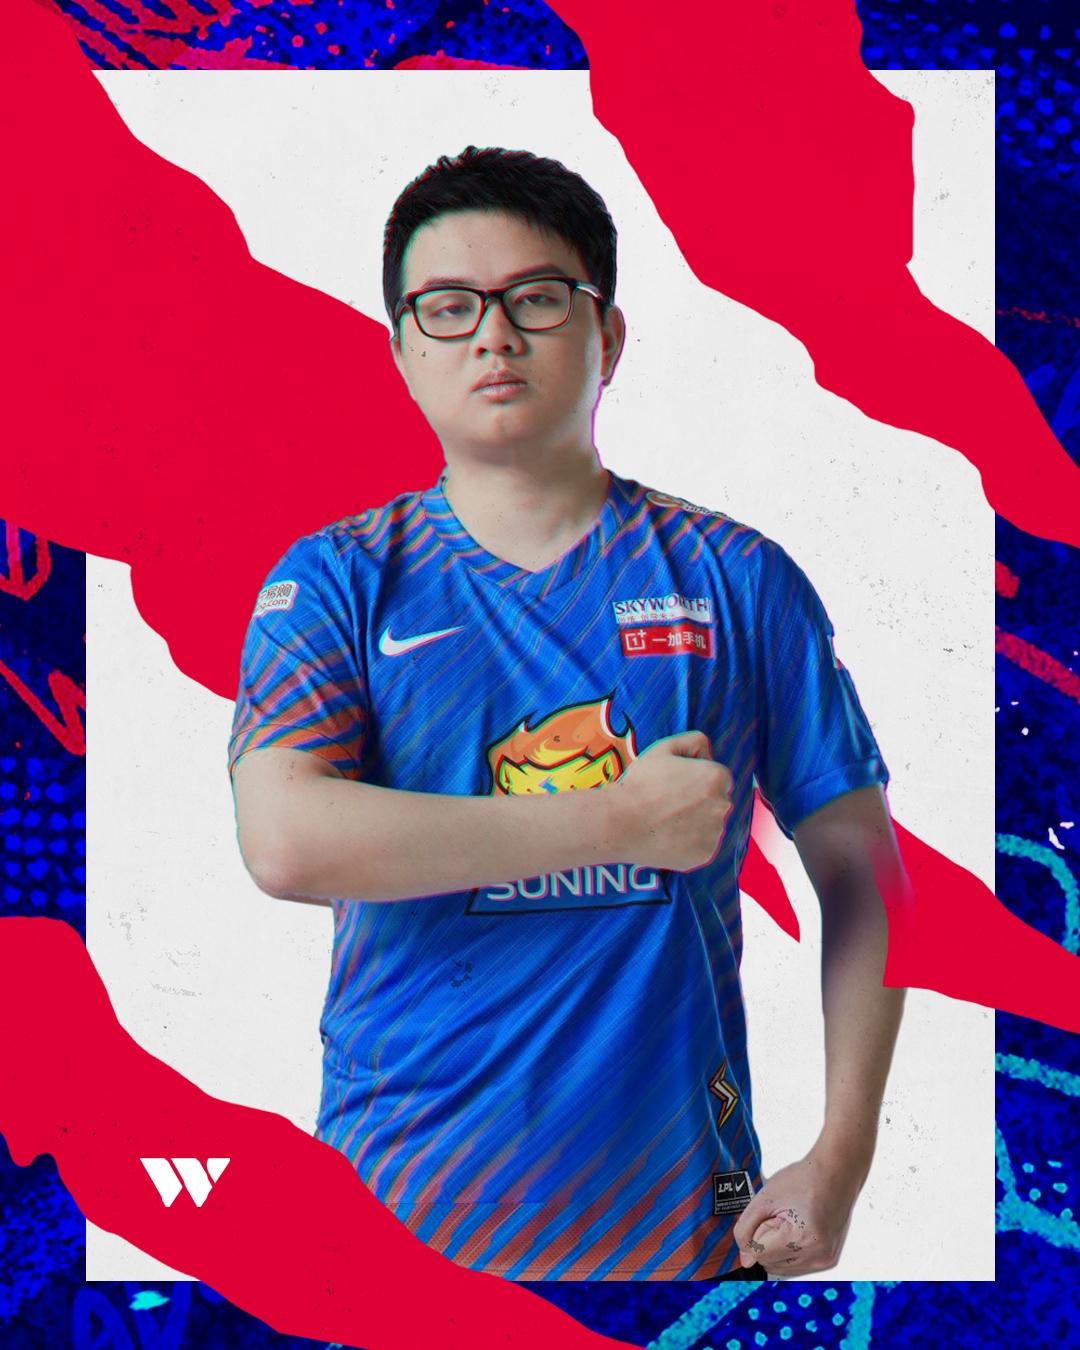 SofM: Vua trò chơi, niềm tự hào, ngôi sao rực rỡ nhất của nền eSports Việt - Ảnh 12.